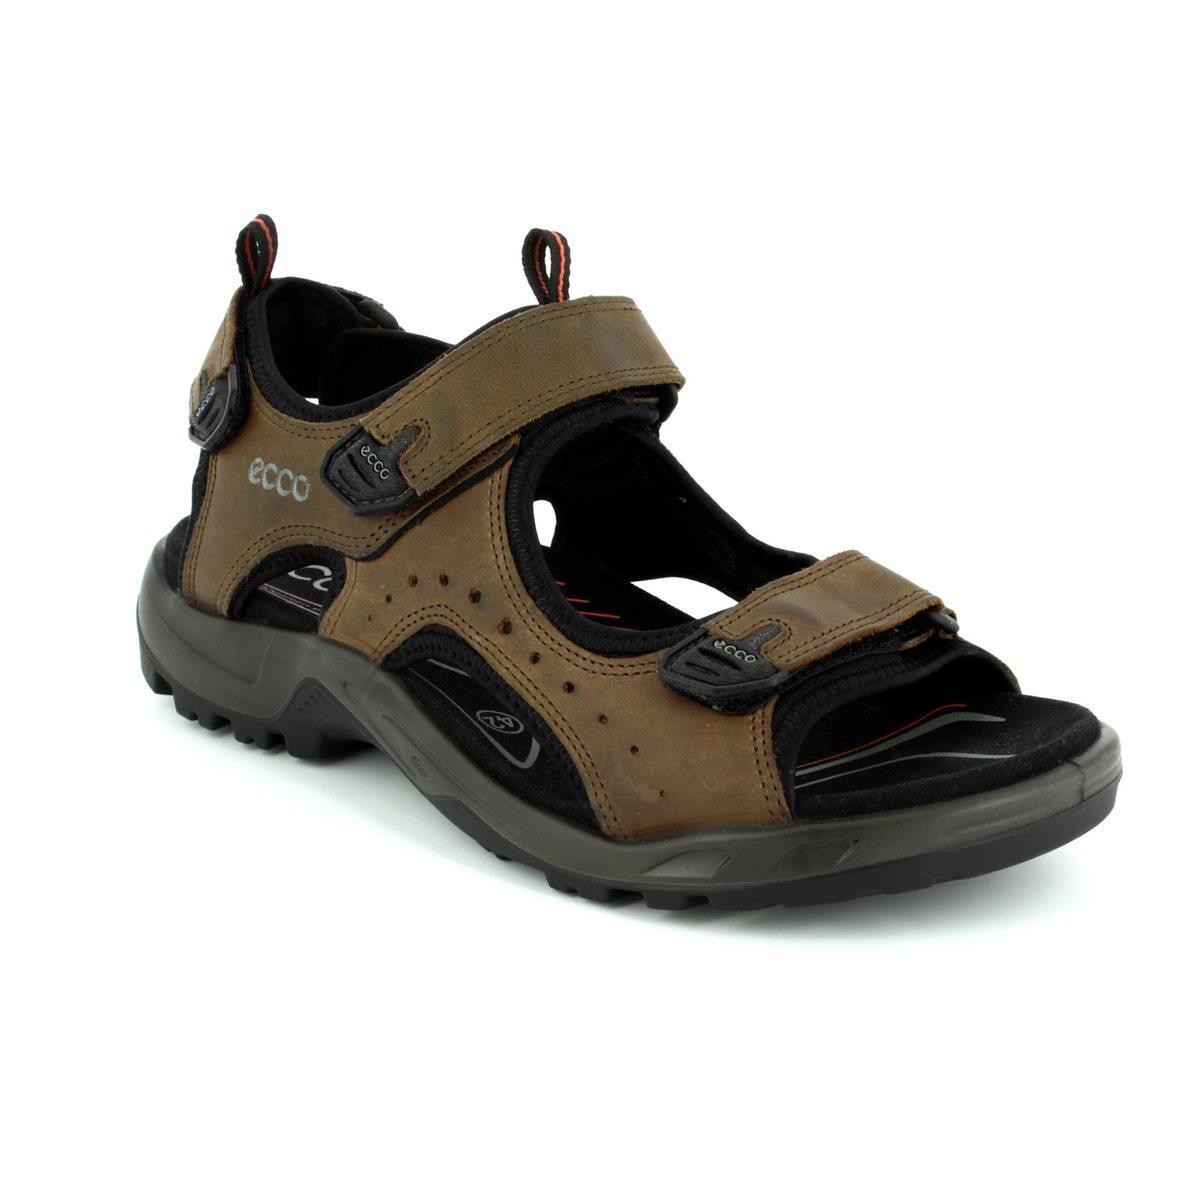 3c85c9289d6 ECCO Sandals - Brown - 822044 02114 OFFROAD